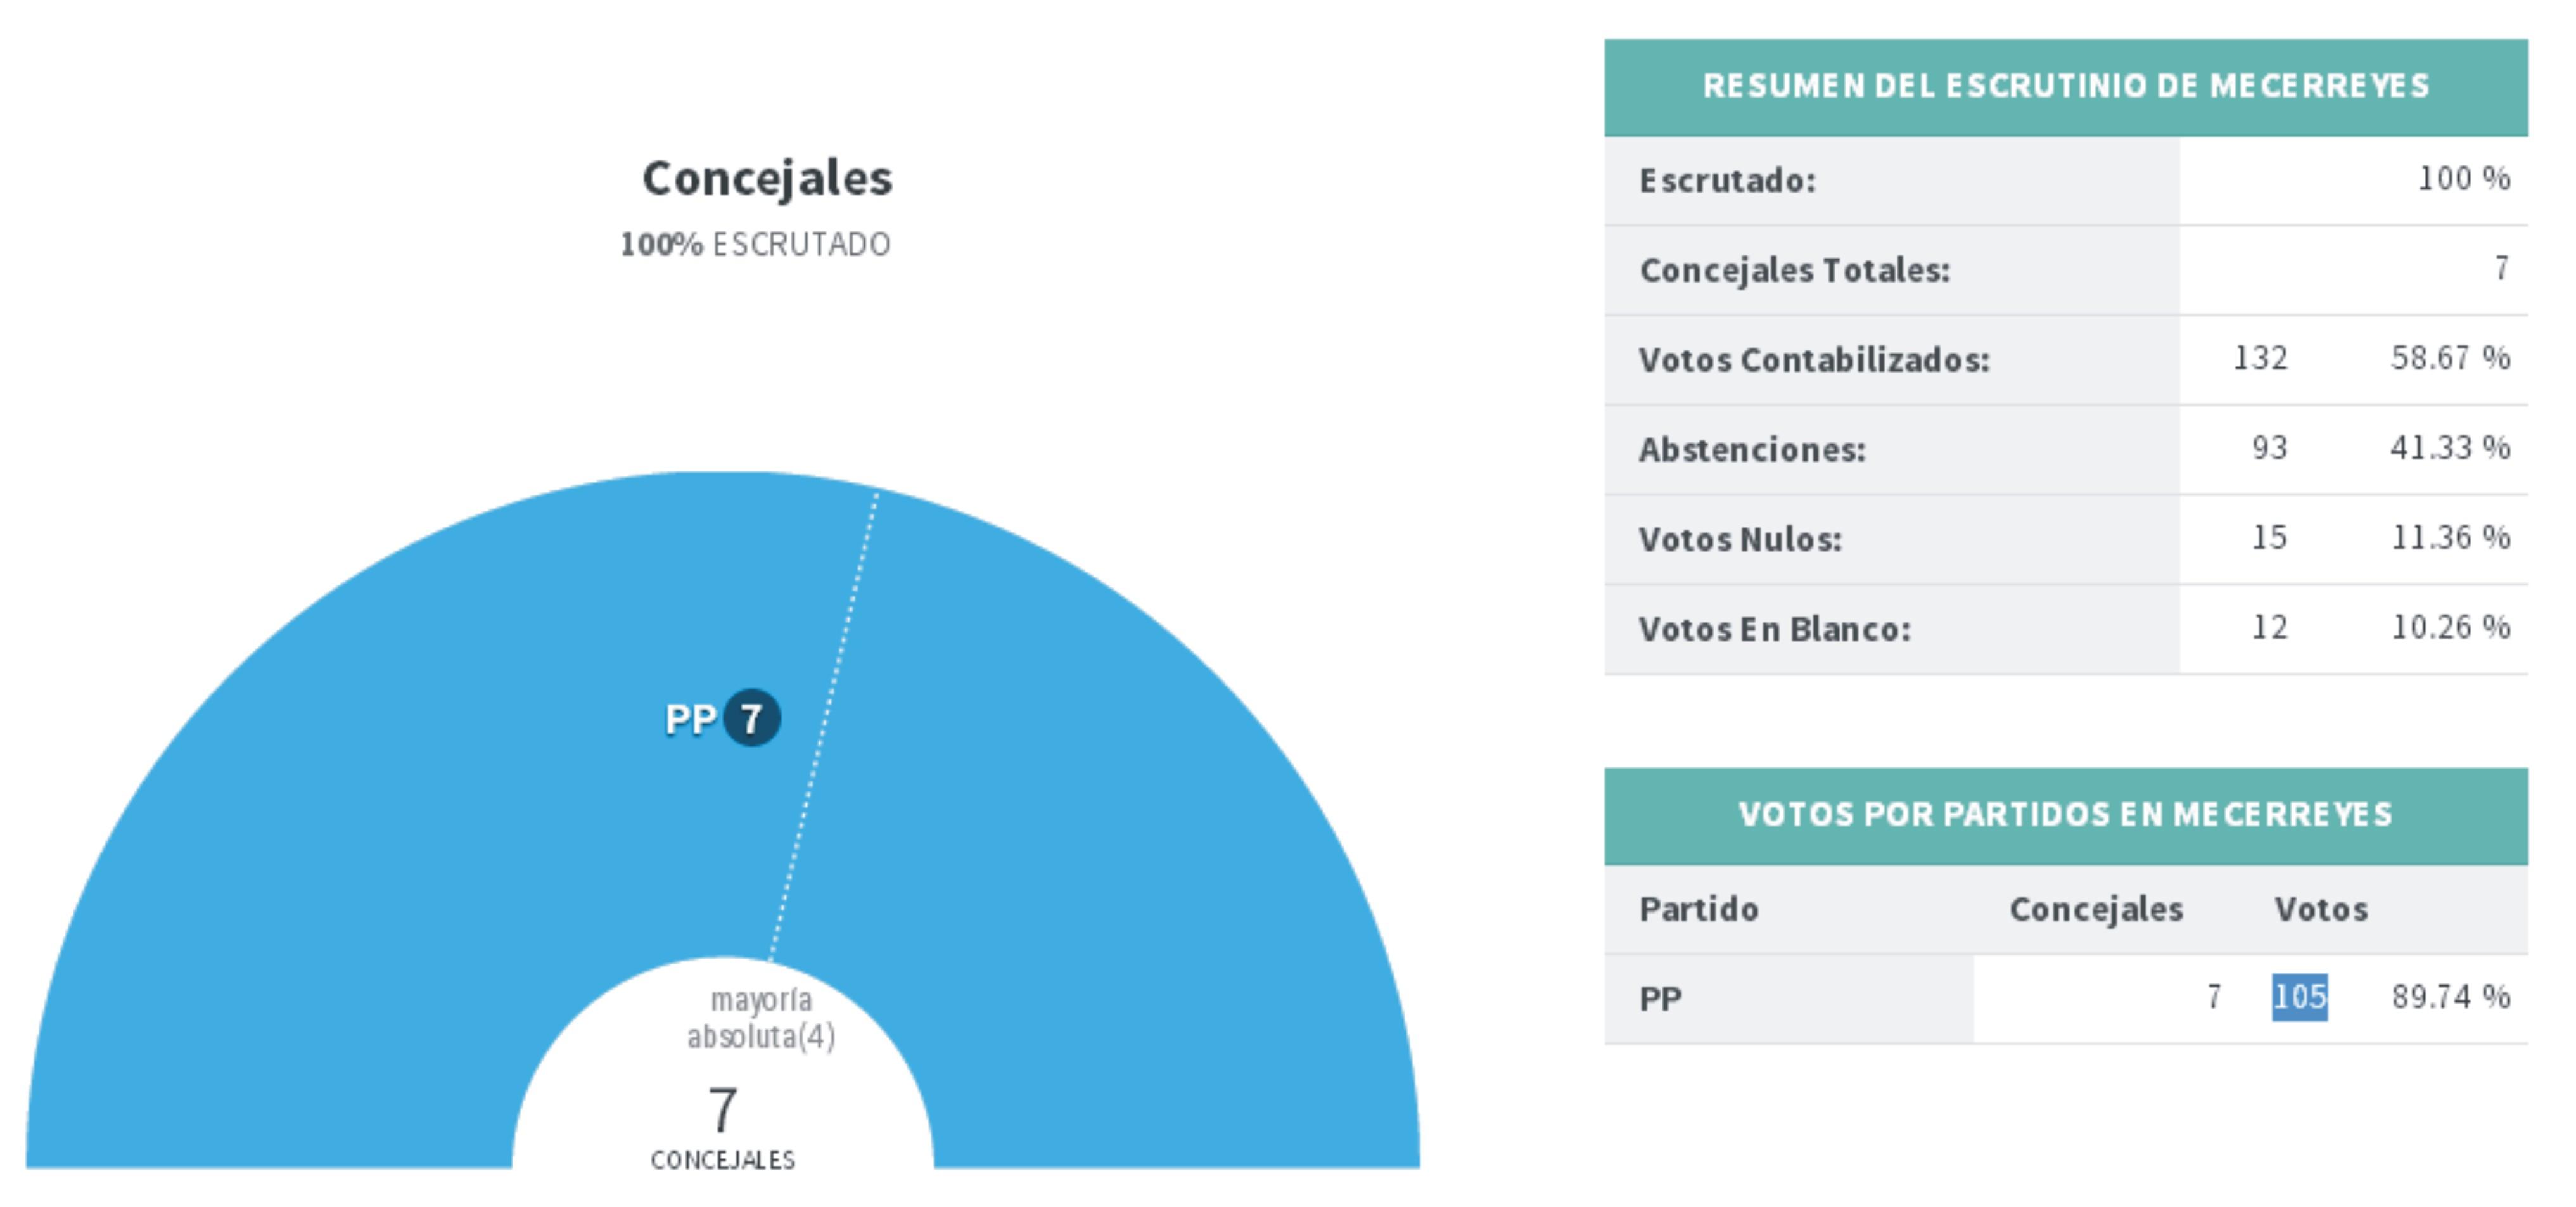 Mecerreyes, Resultados electorales 2015-El Pais